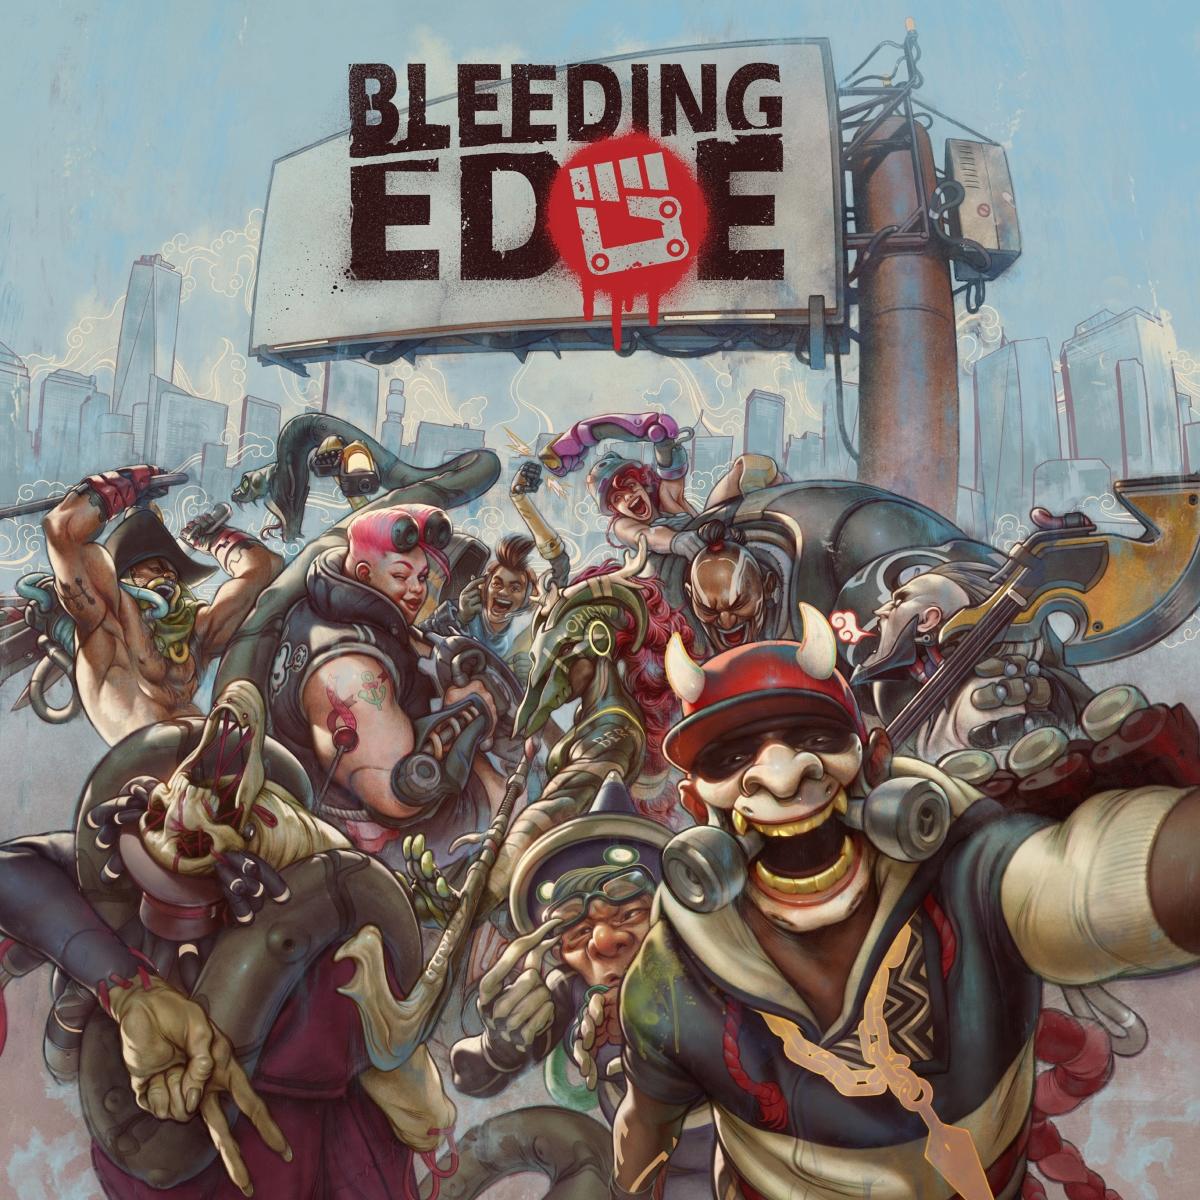 Bleeding Edge E3 2019 poster